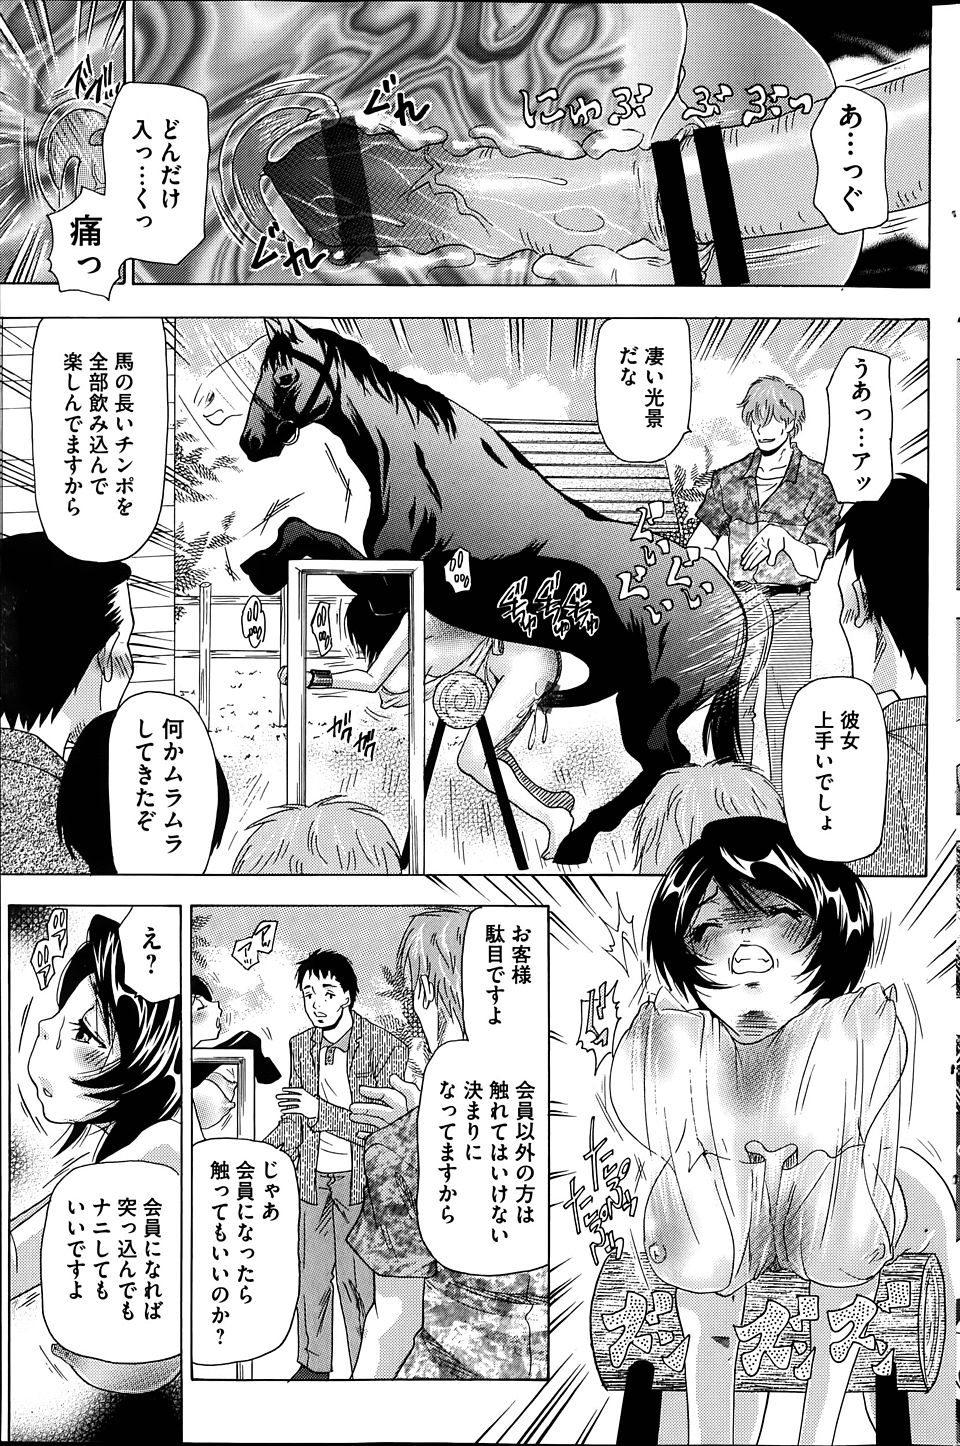 【エロ漫画・同人誌】乗馬クラブを経営している夫が入院してしまった人妻が馬と客を相手に乱交するwww 007